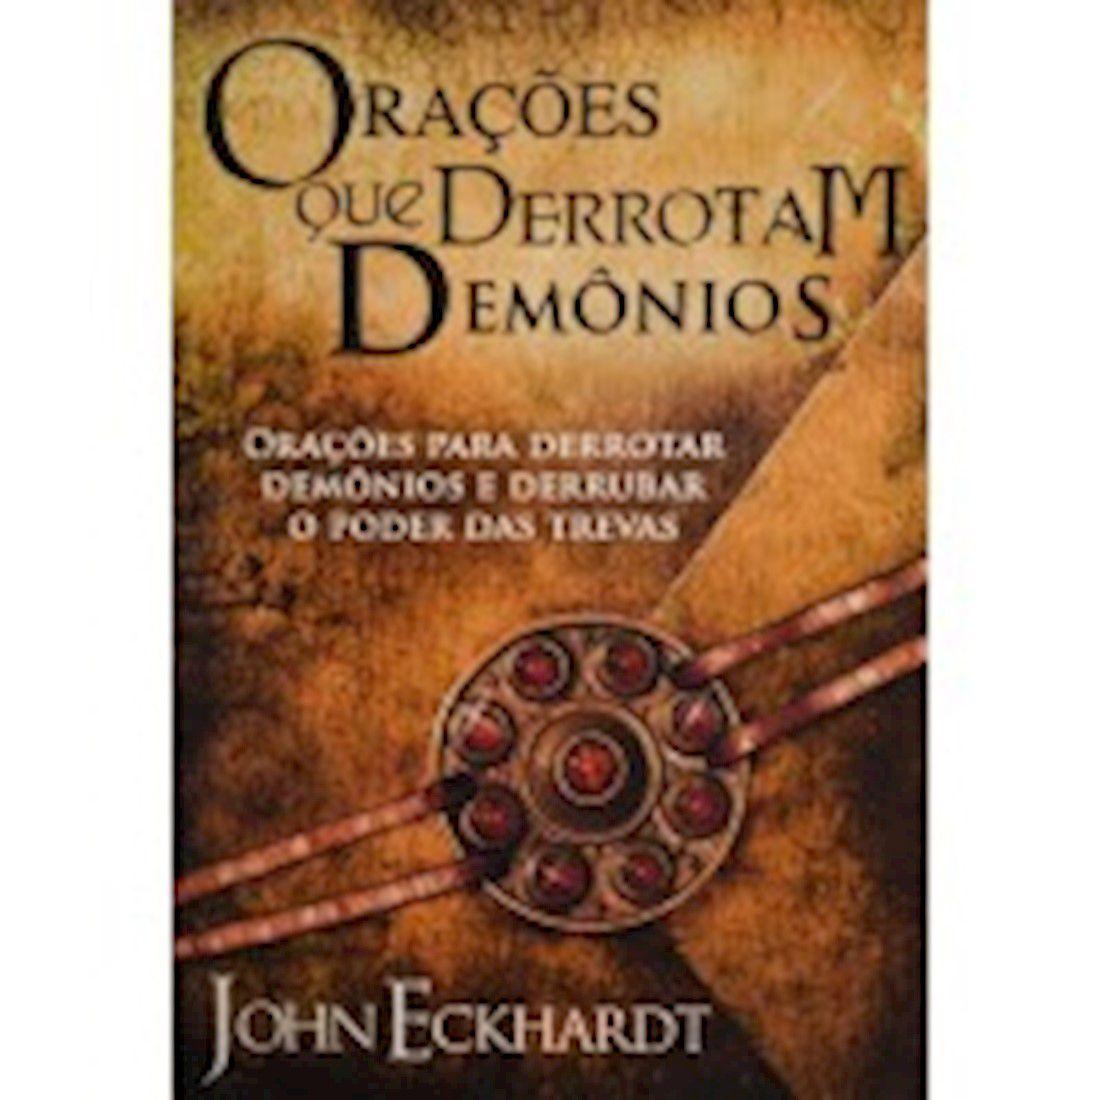 Livro Orações que derrotam demônios